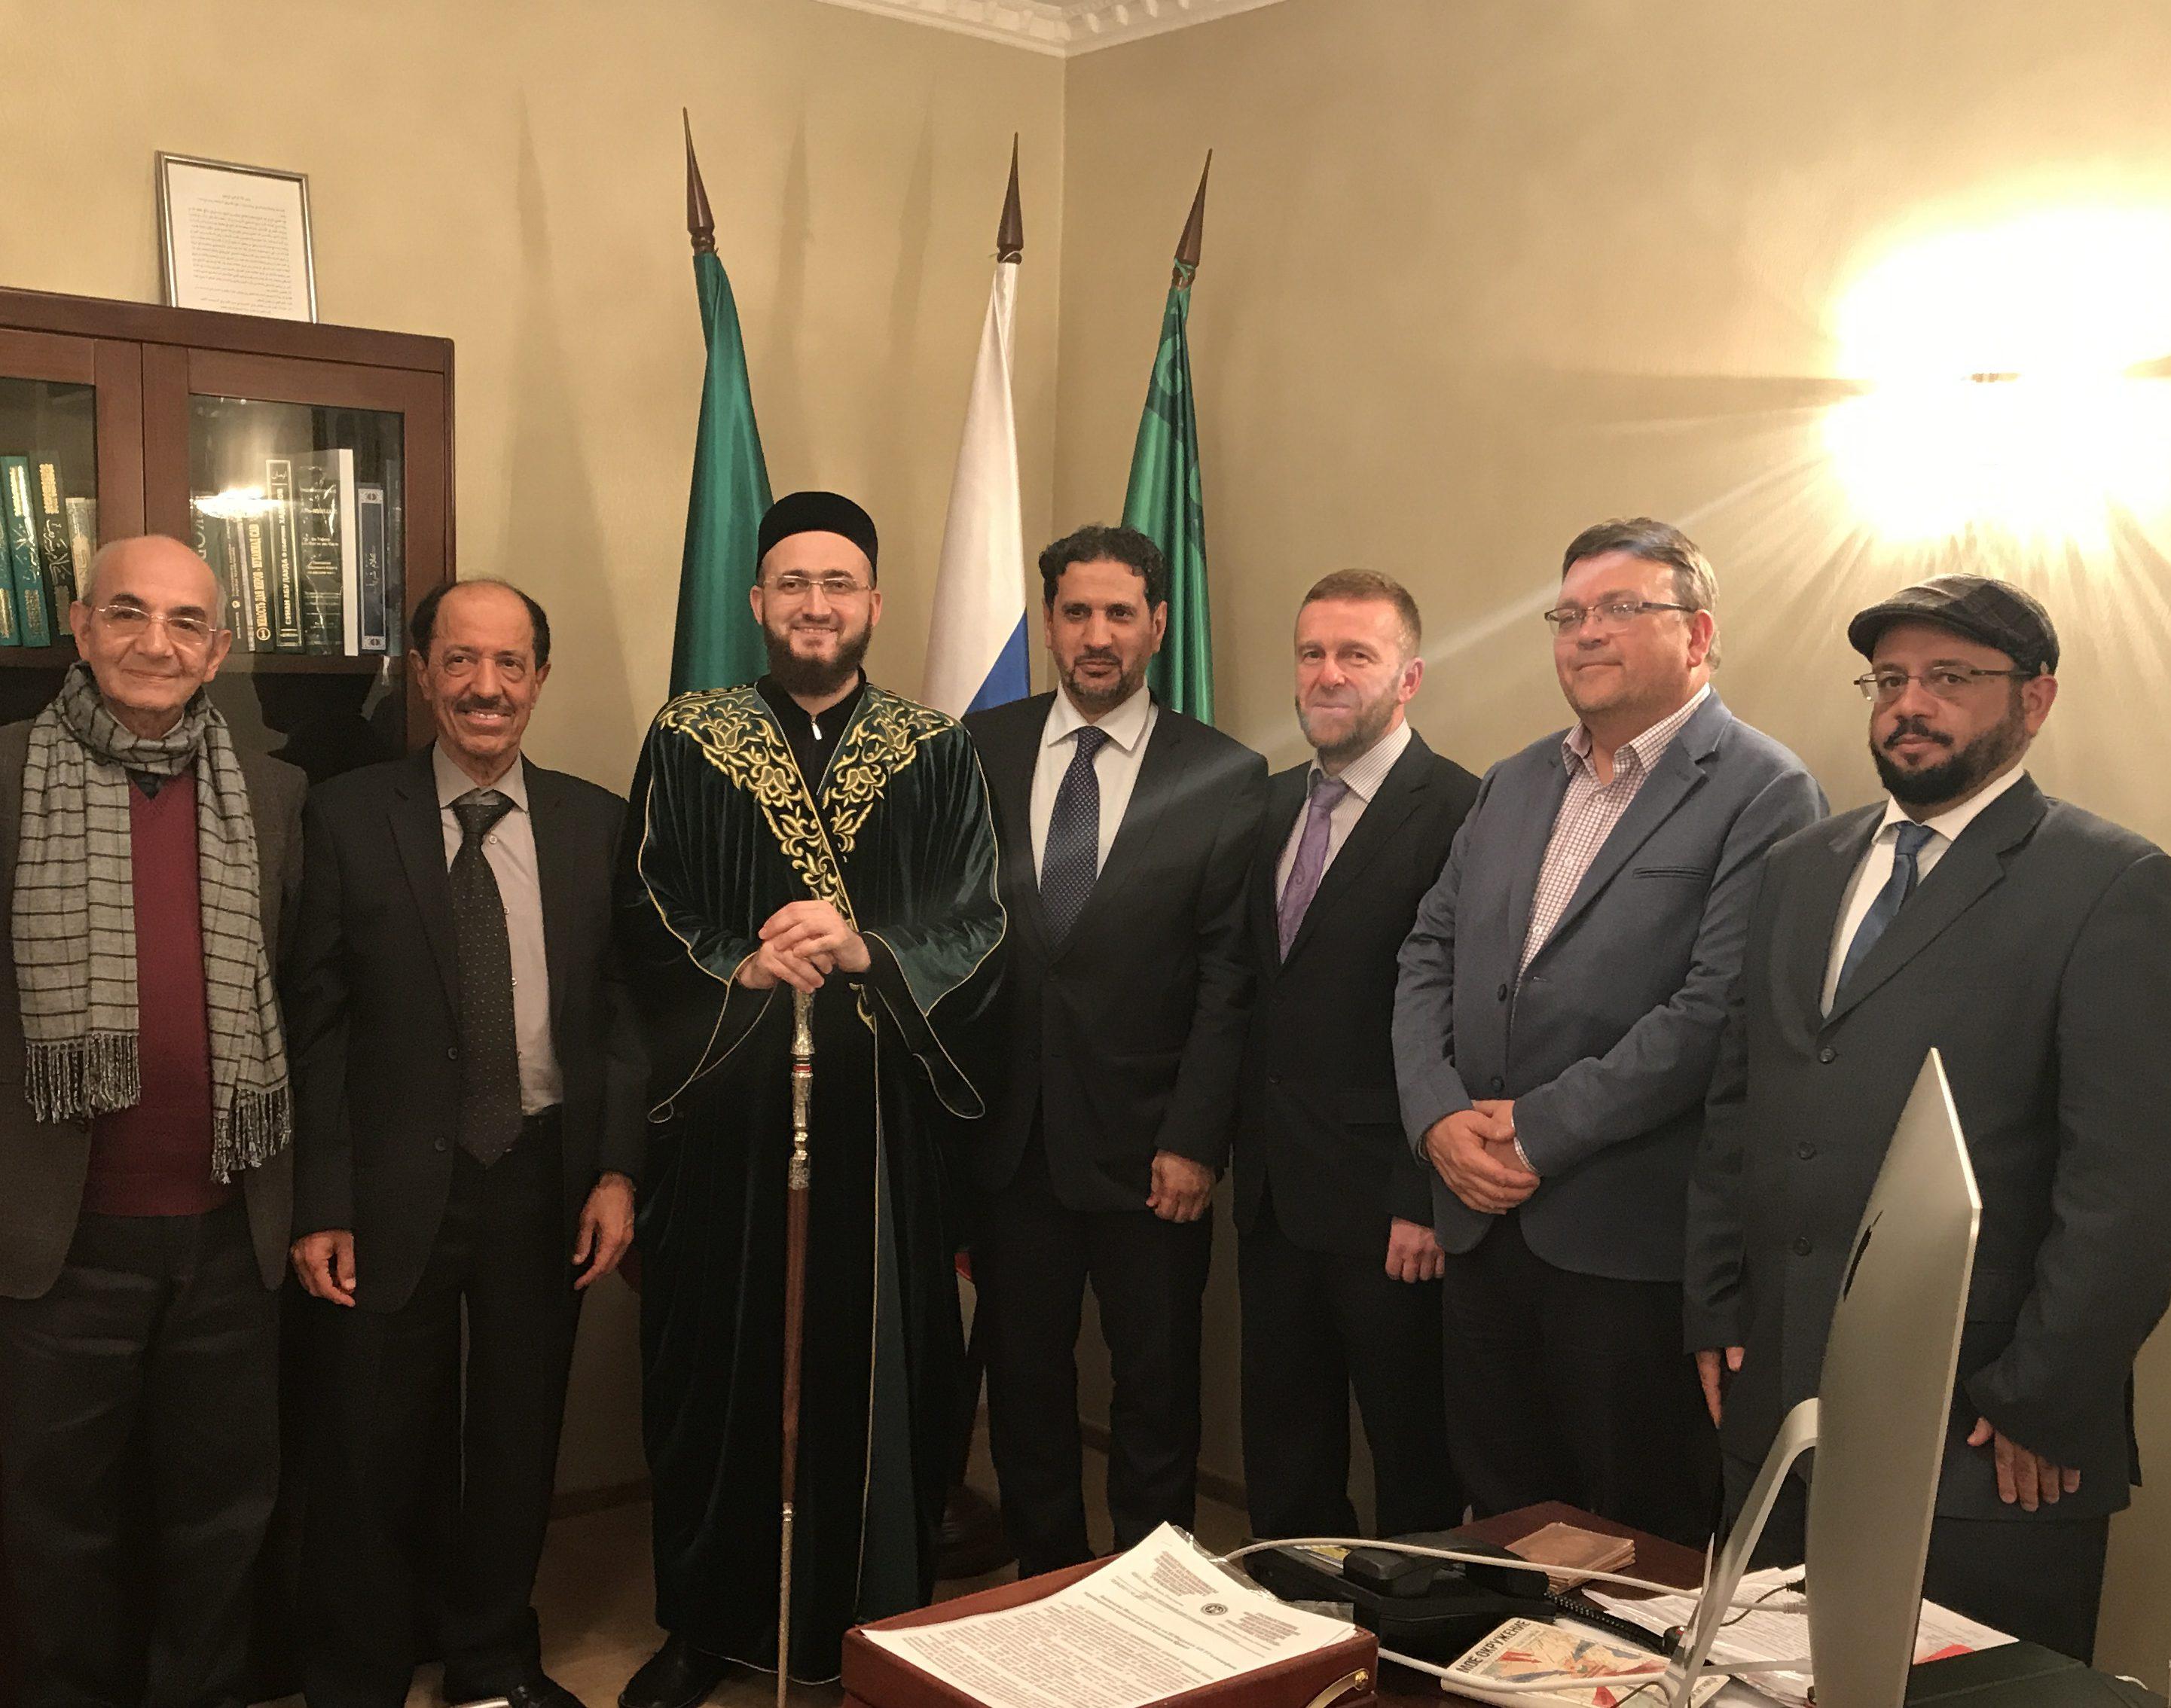 Саудовские профессора высоко оценили уровень образования в Татарстане (ВИДЕО)